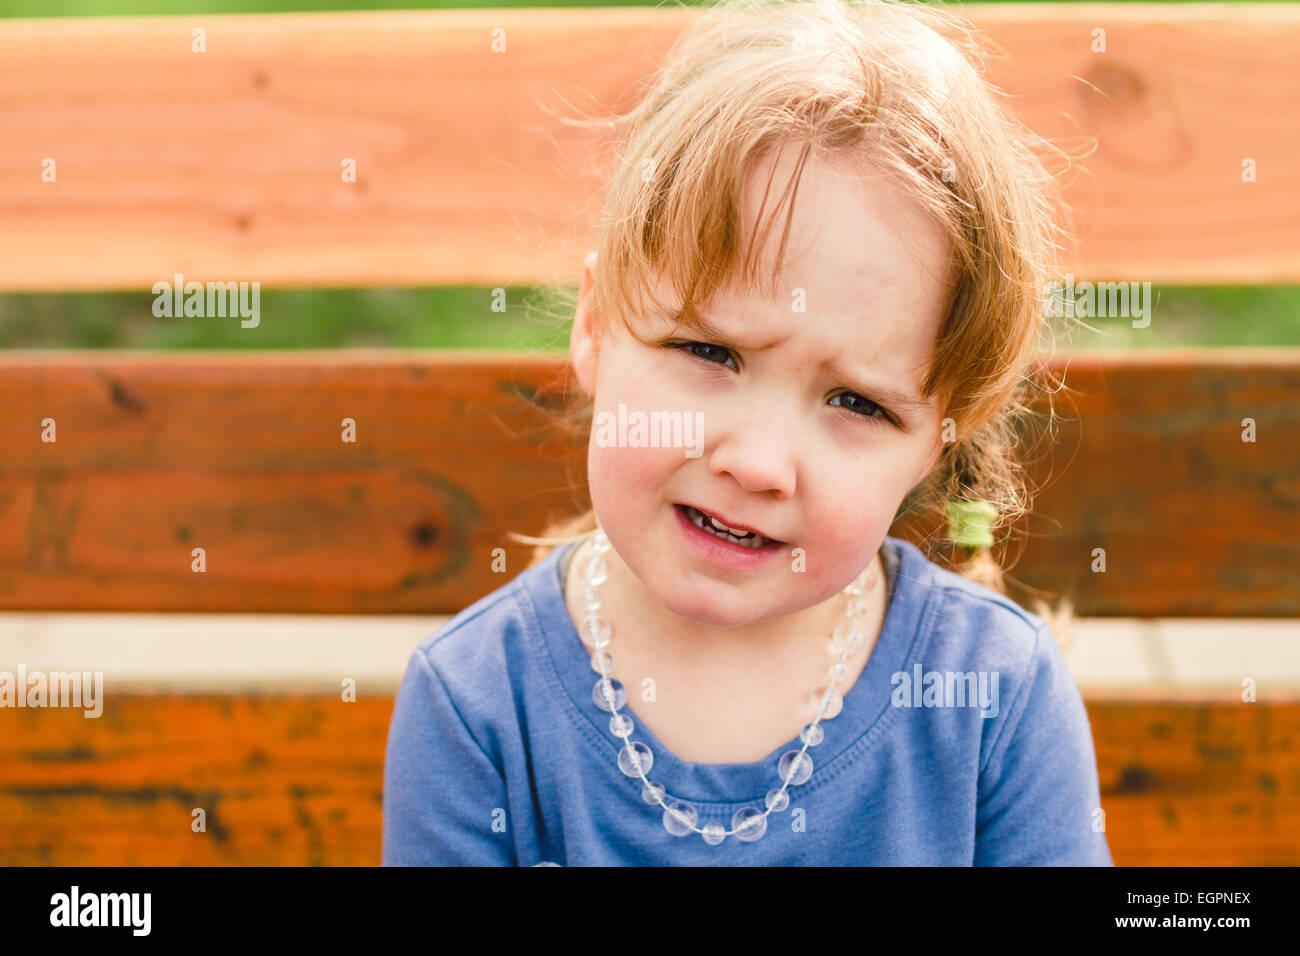 Estilo de vida retrato de una joven en un parque con luz natural. Imagen De Stock